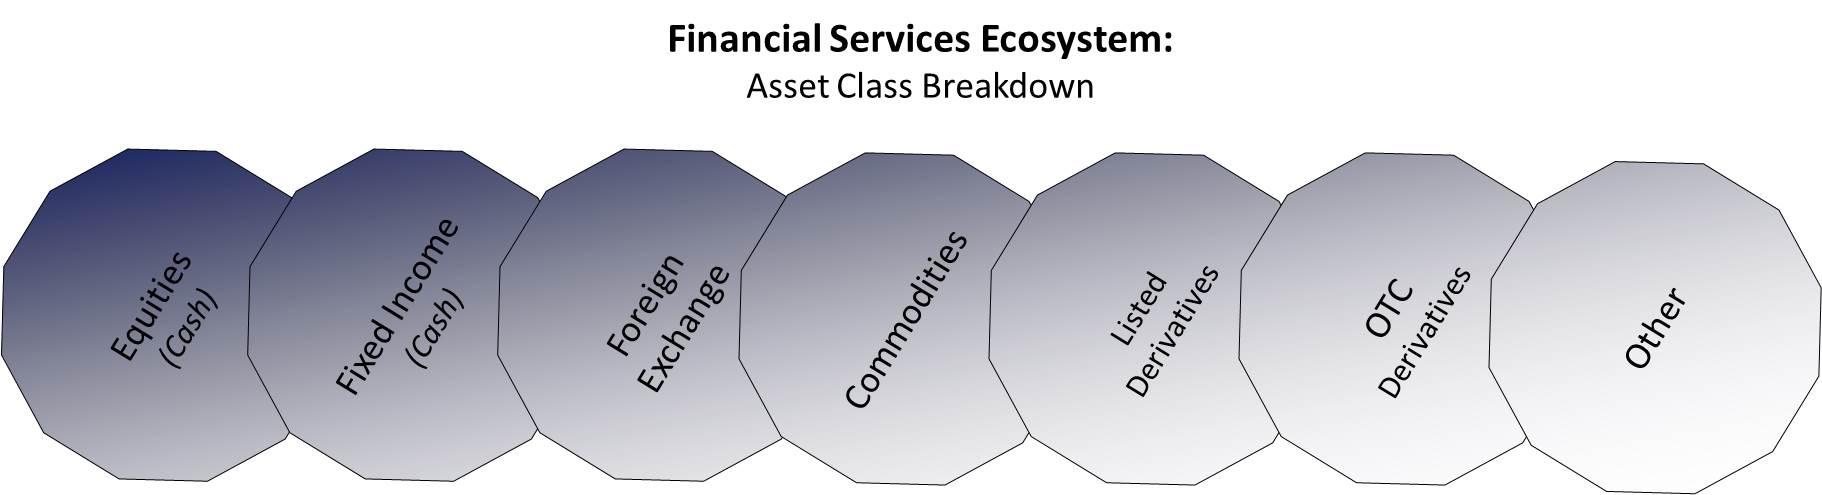 asset-class-breakdown